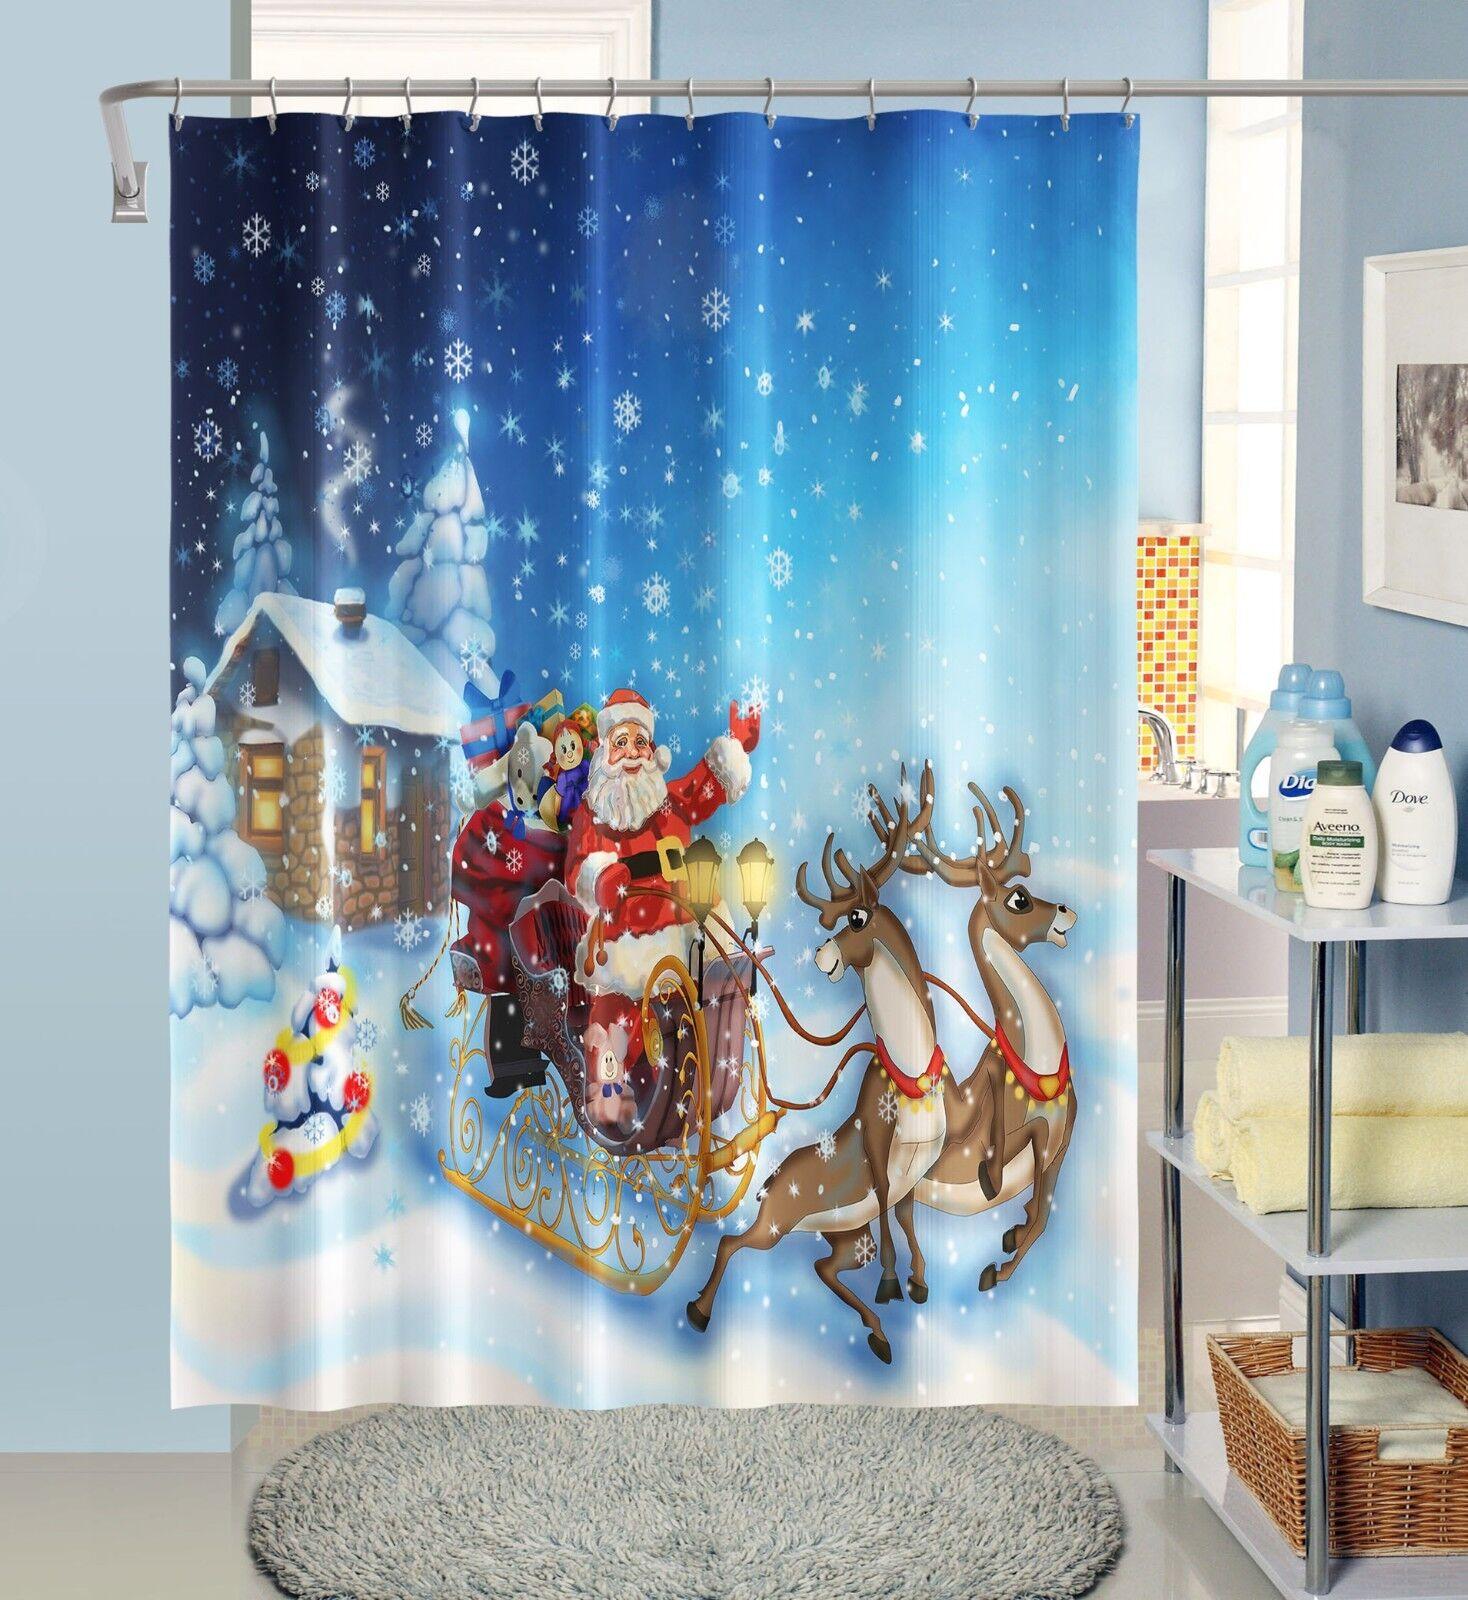 3D Weihnachten 24 Duschvorhang Wasserdicht Faser Bad Bad Bad Daheim Windows Toilette DE | Mangelware  f14c4c